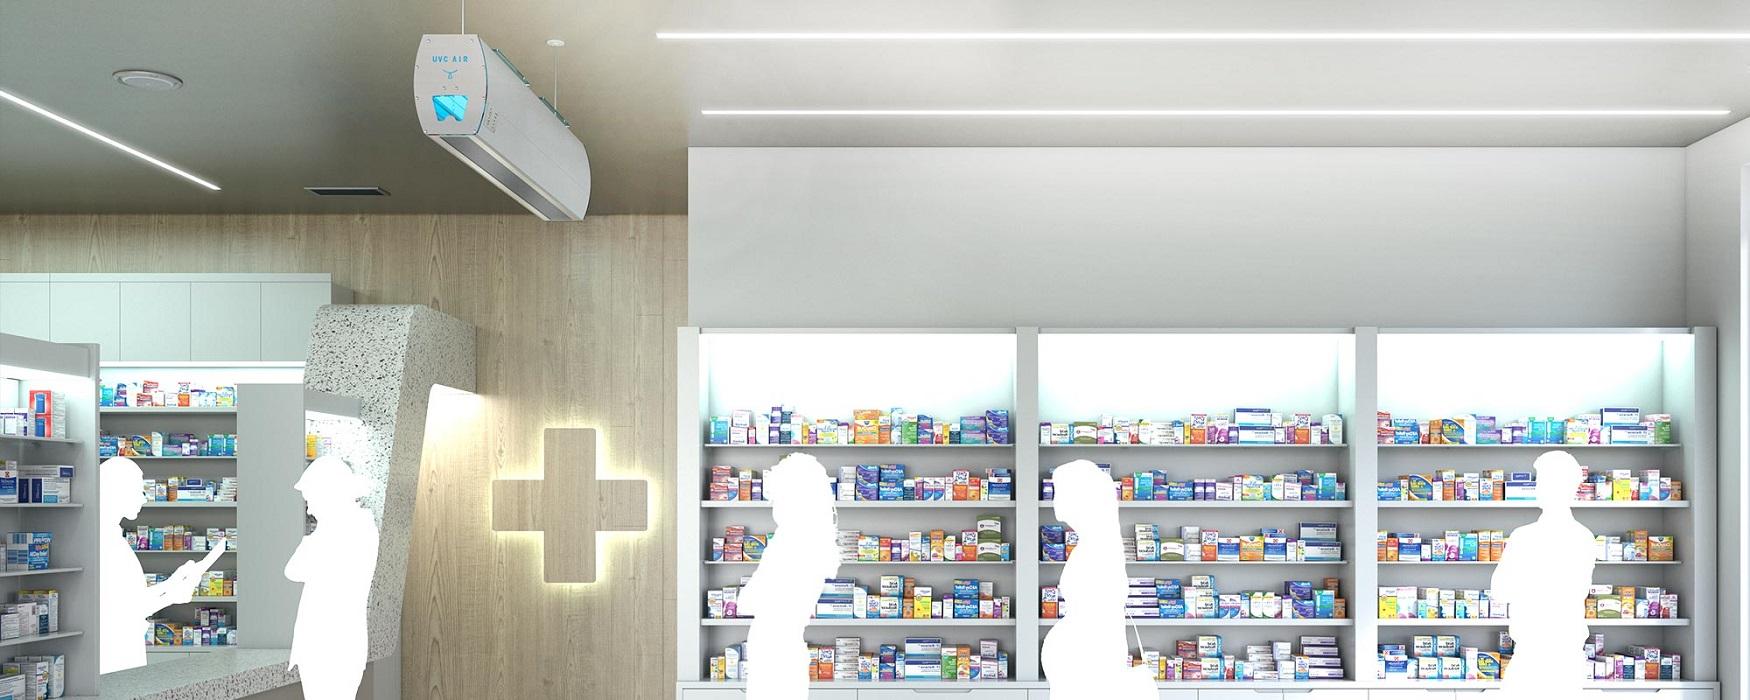 uv-c-air purificatore d'aria per negozi farmacie ufficio - riganelli